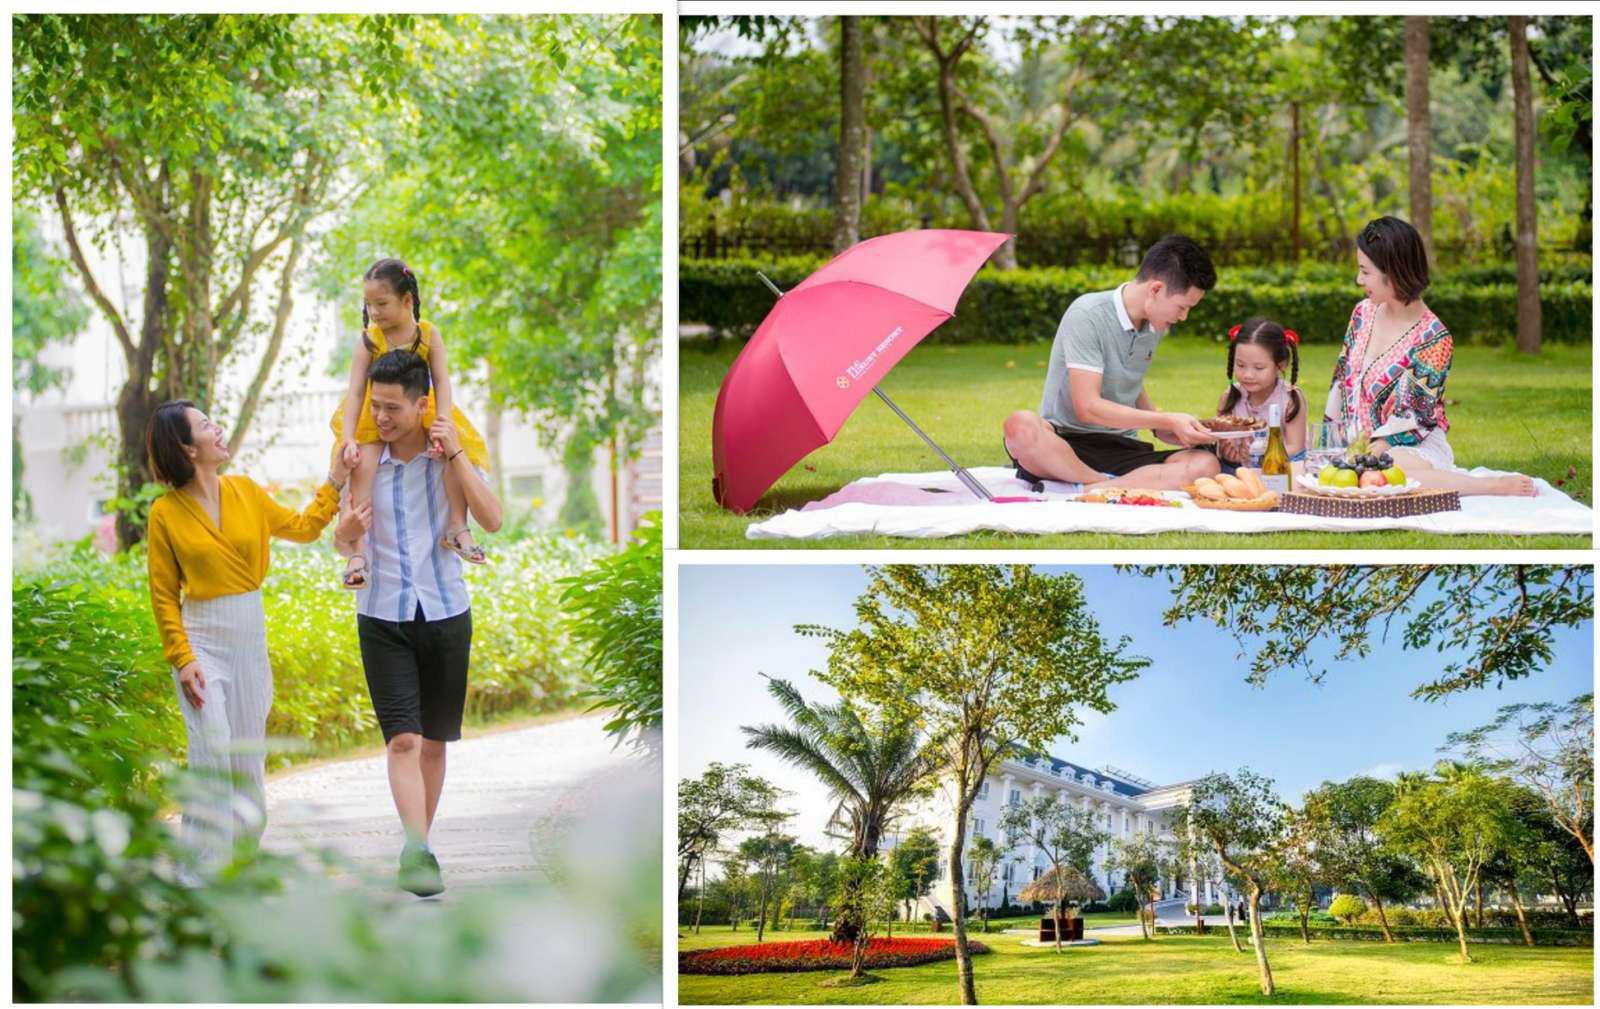 """Du lịch tại chỗ lên ngôi, gia đình Việt tìm nơi """"ẩn mình"""" giữa thiên nhiên xanh - Ảnh 1."""